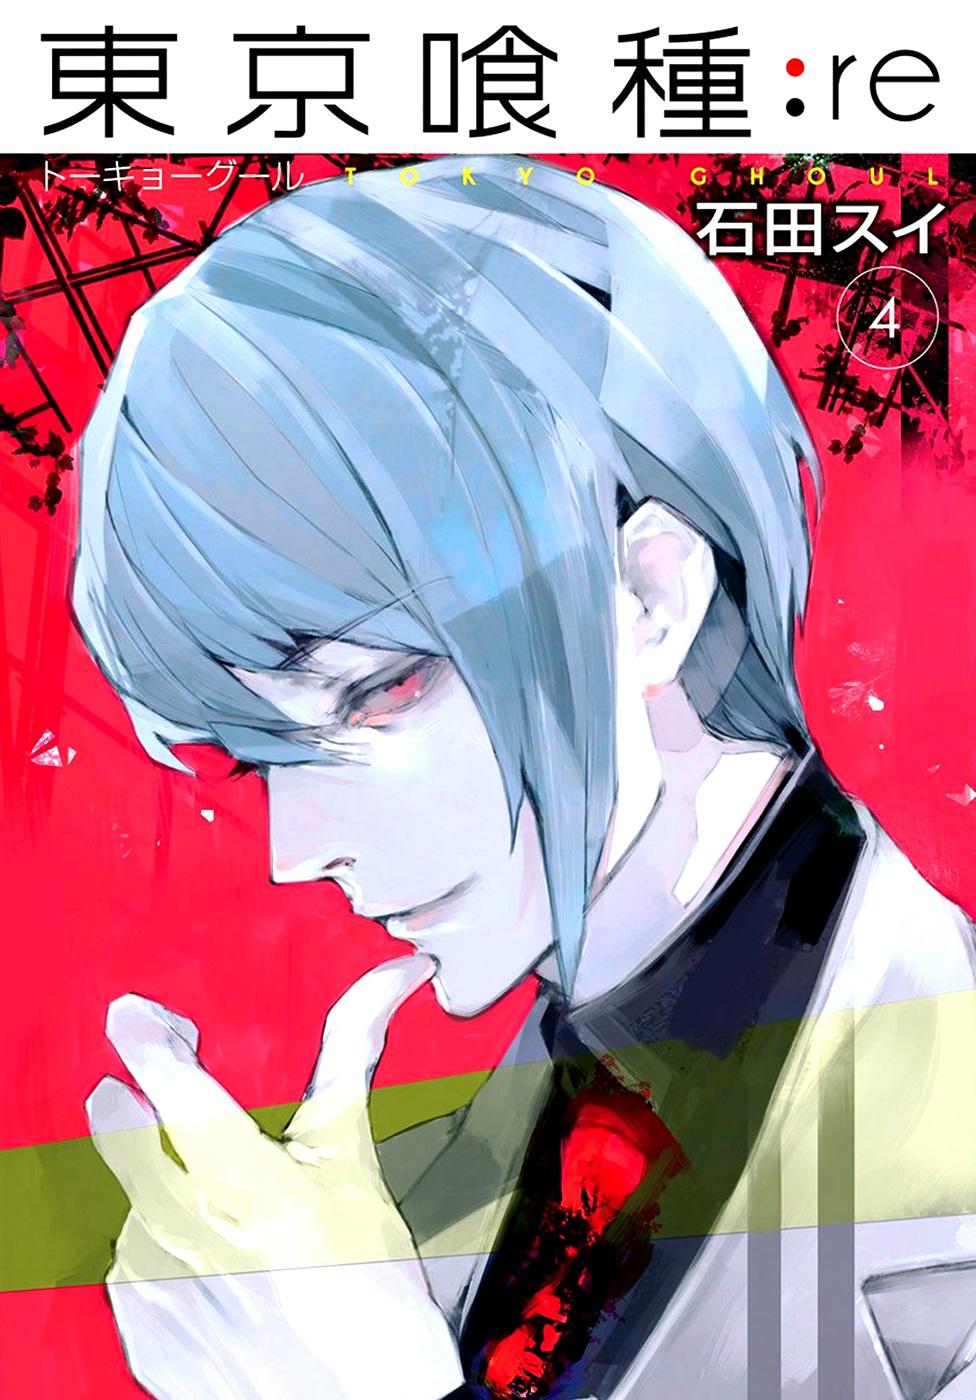 http://c5.ninemanga.com/es_manga/59/59/417010/601753ce31c7ae9bd0e3a2bbb58b1931.jpg Page 2